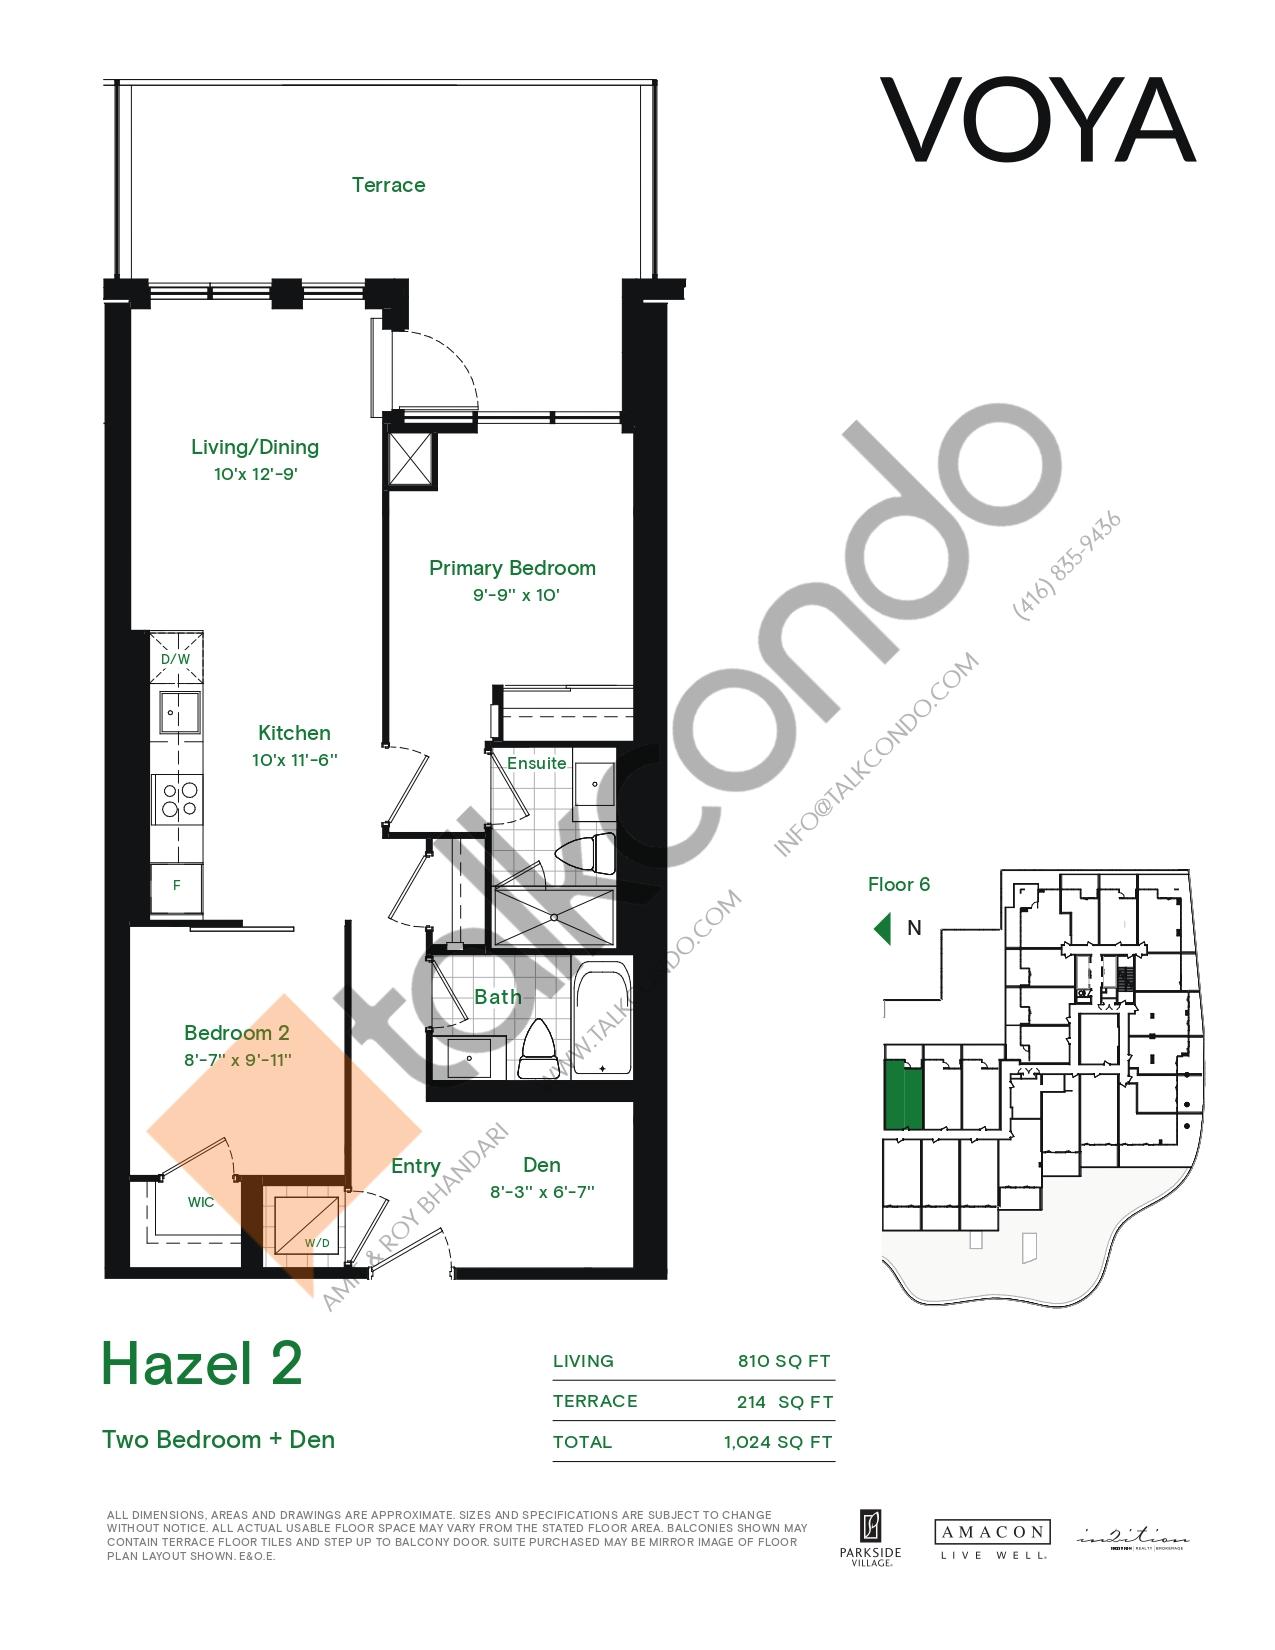 Hazel 2 (Podium) Floor Plan at Voya at Parkside Village Condos - 810 sq.ft